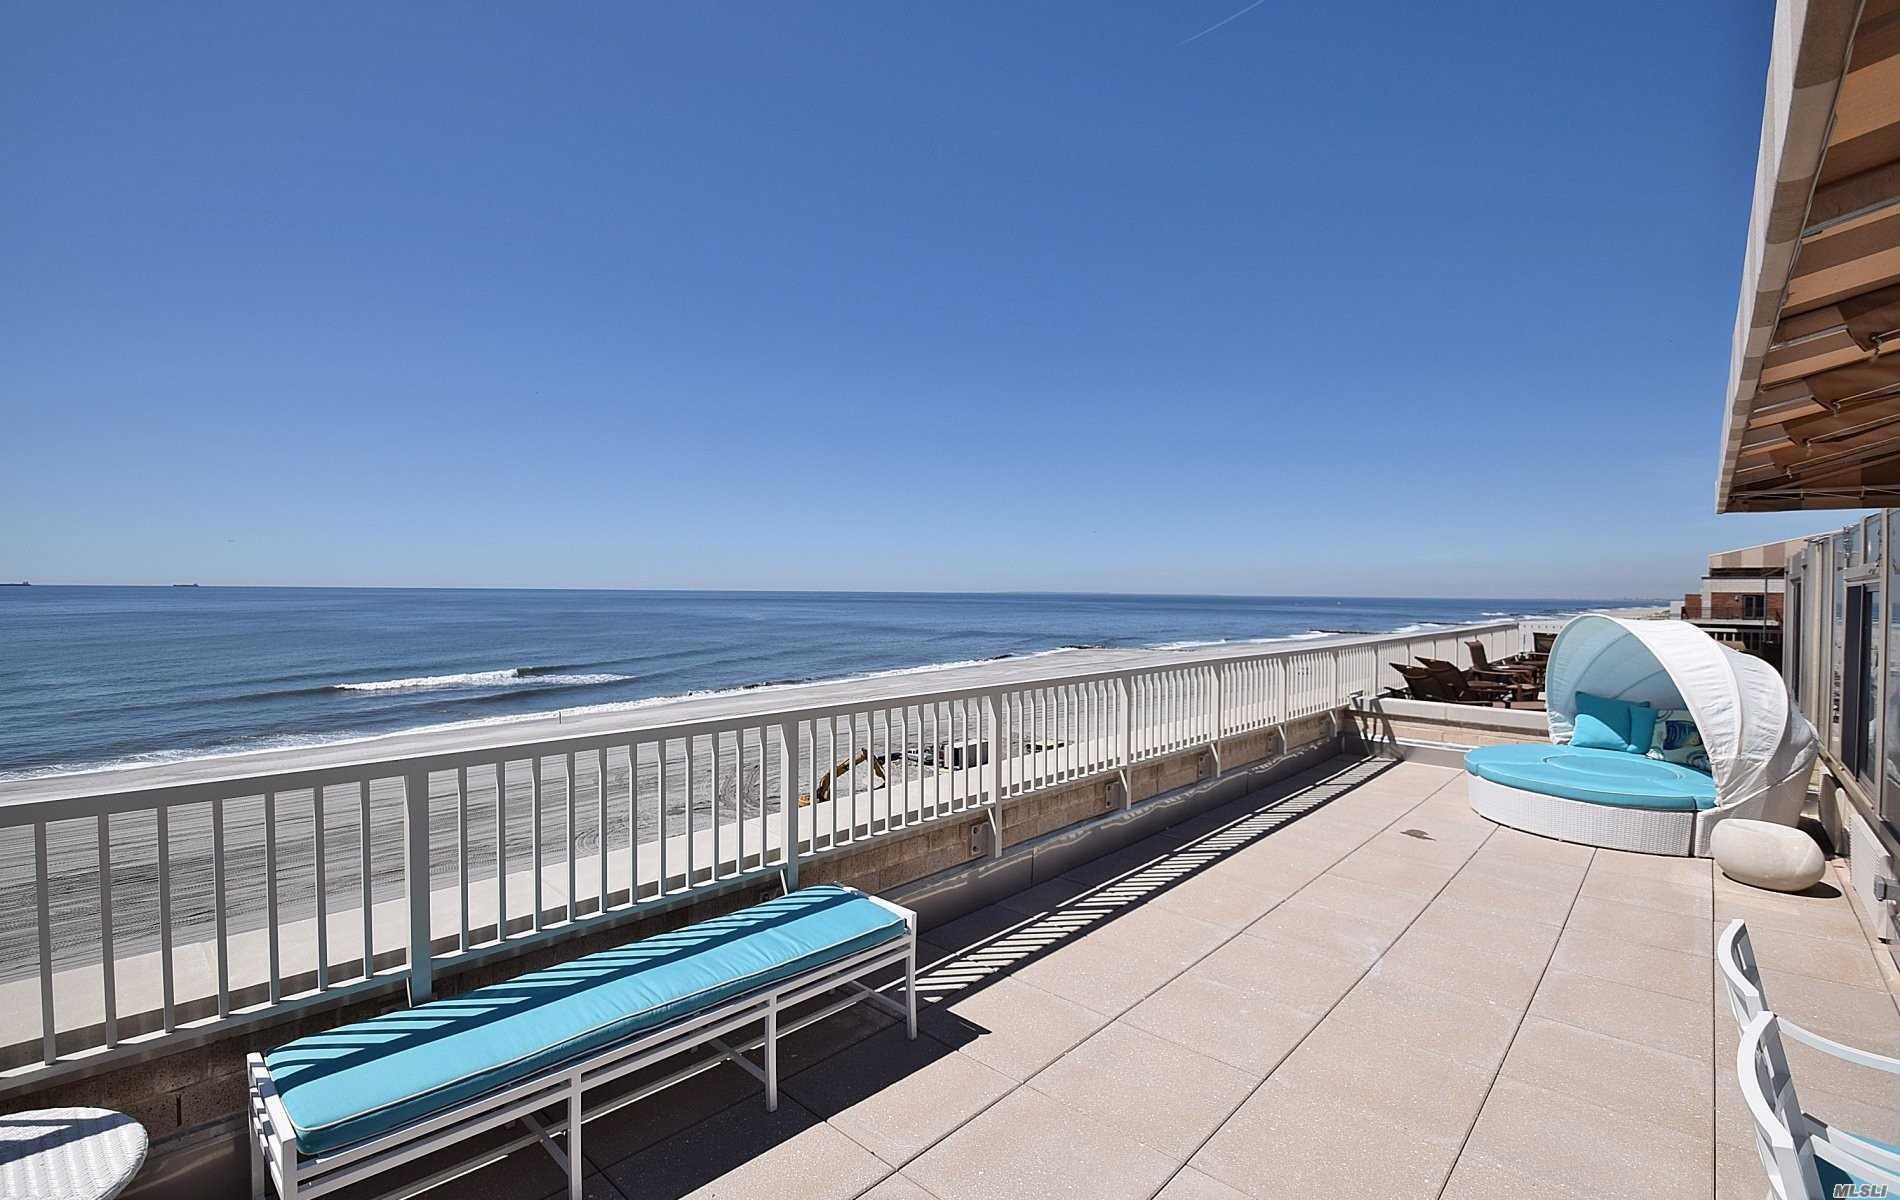 Photo of 170 W Broadway # 8PHE, Long Beach NY 11561, Long Beach, Ny 11561